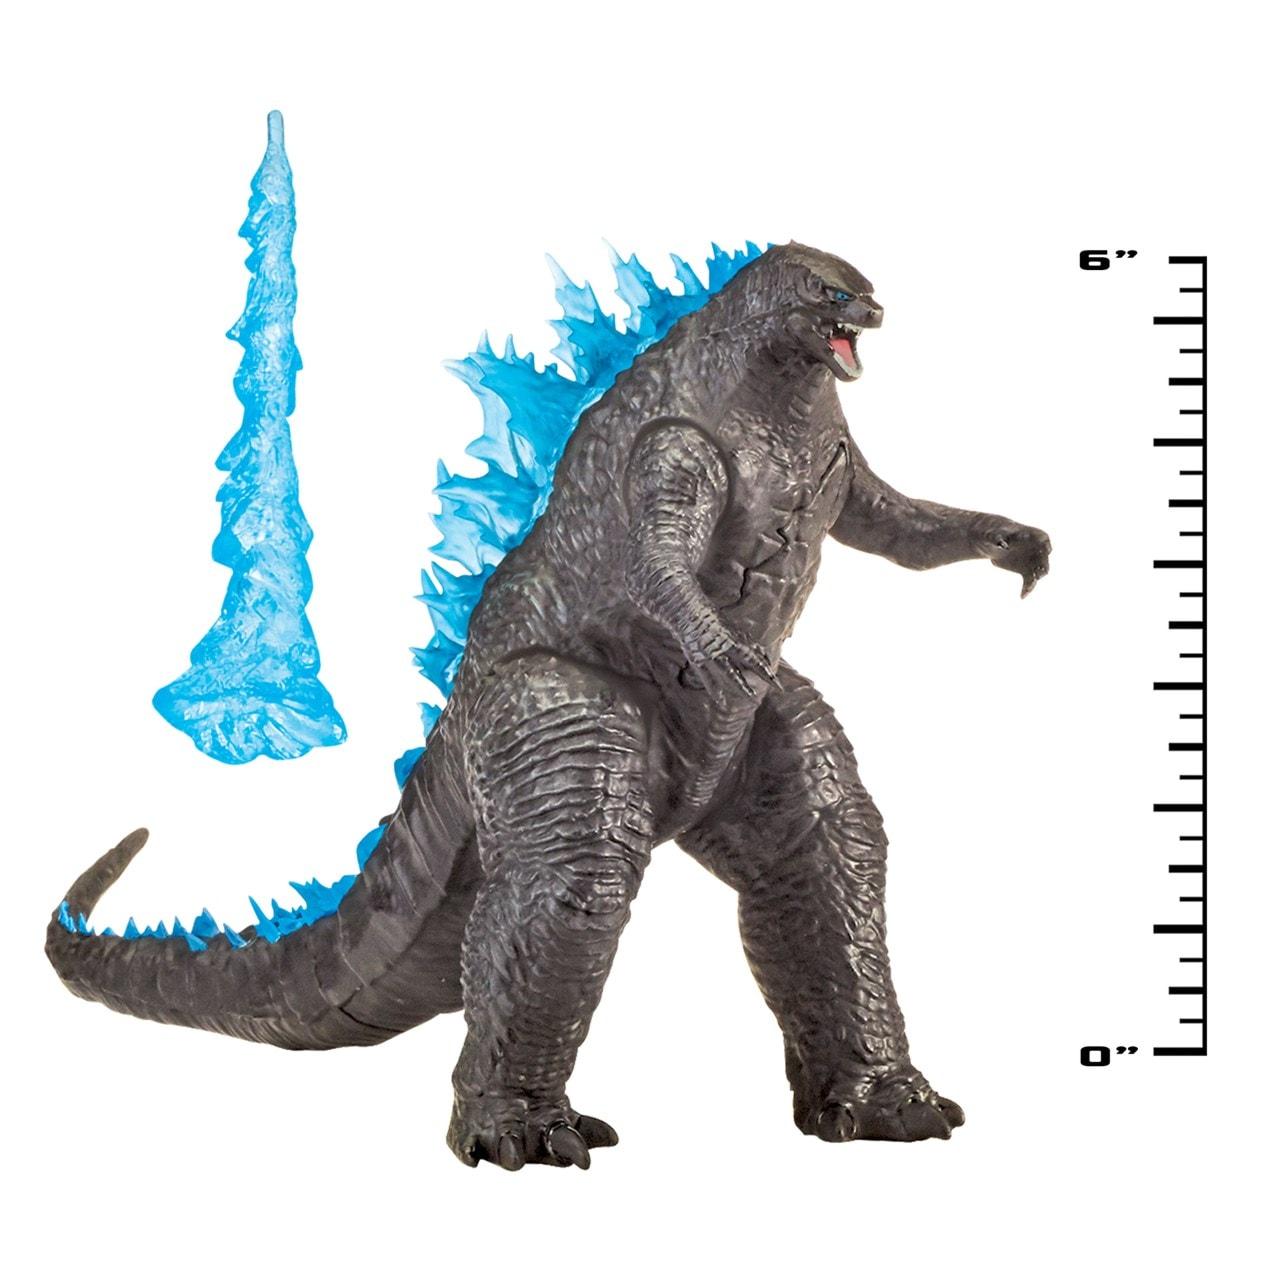 Monsterverse Godzilla vs Kong: Godzilla Heat Wave Action Figure - 3